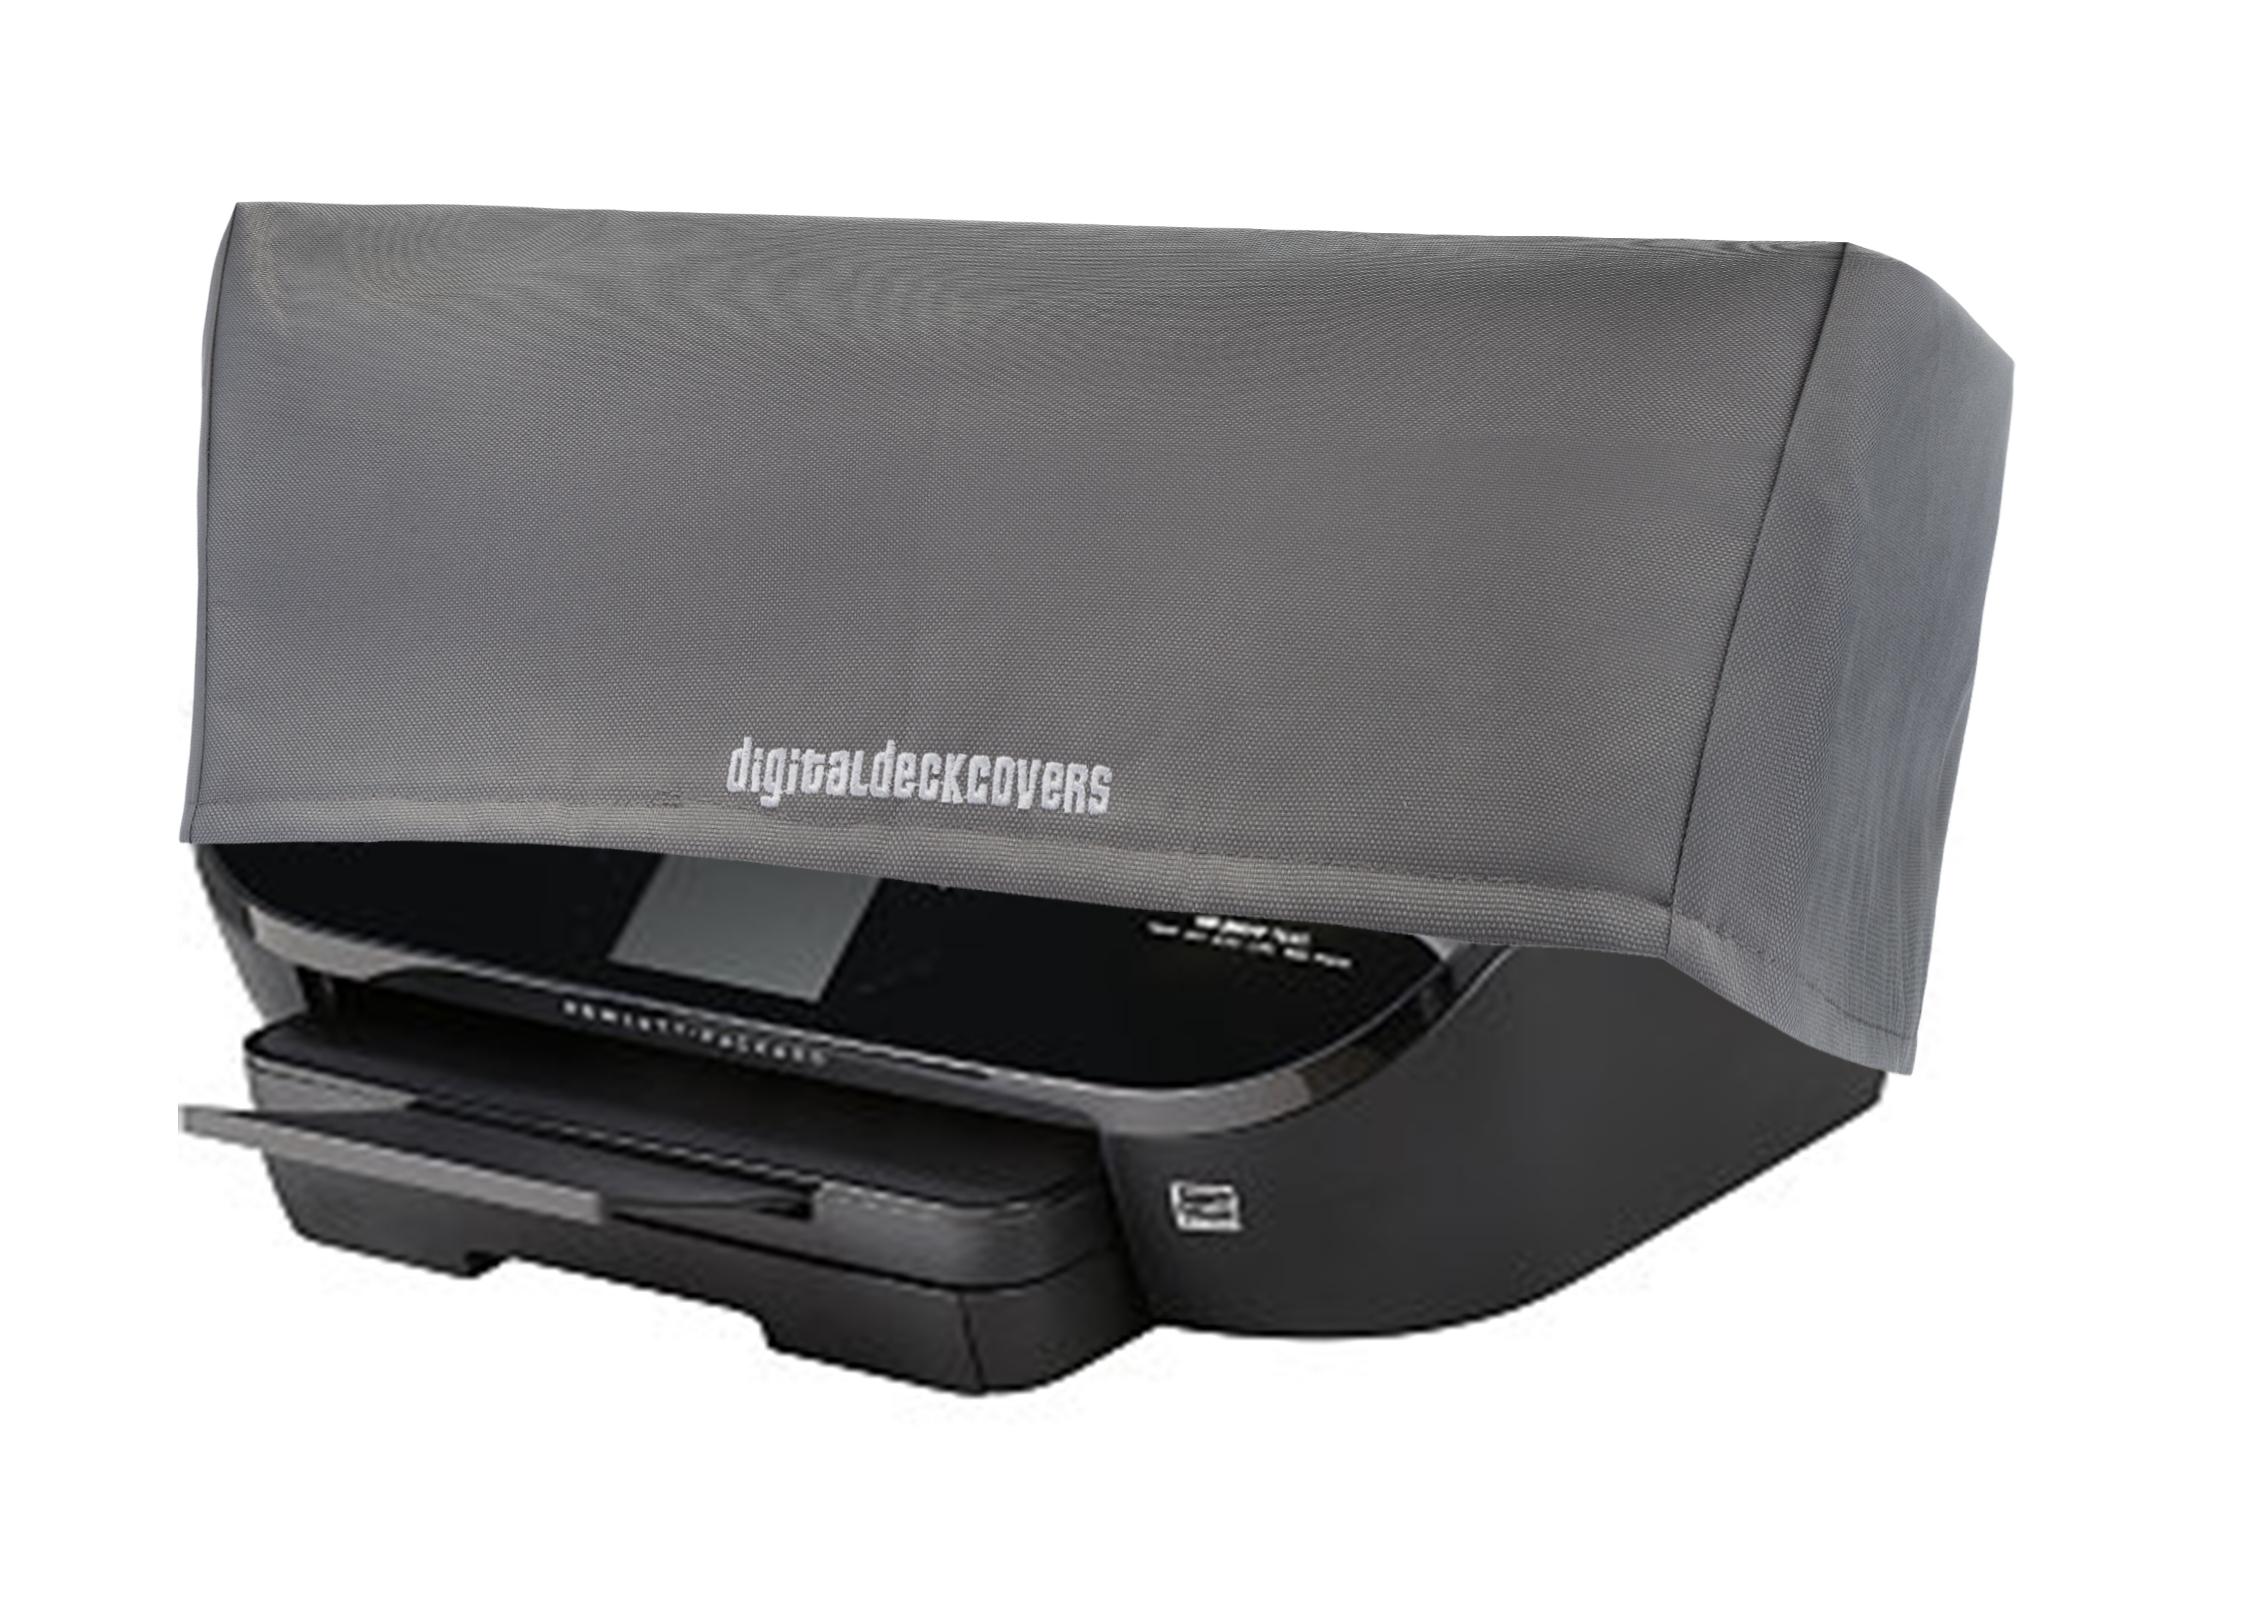 Printers | Costco